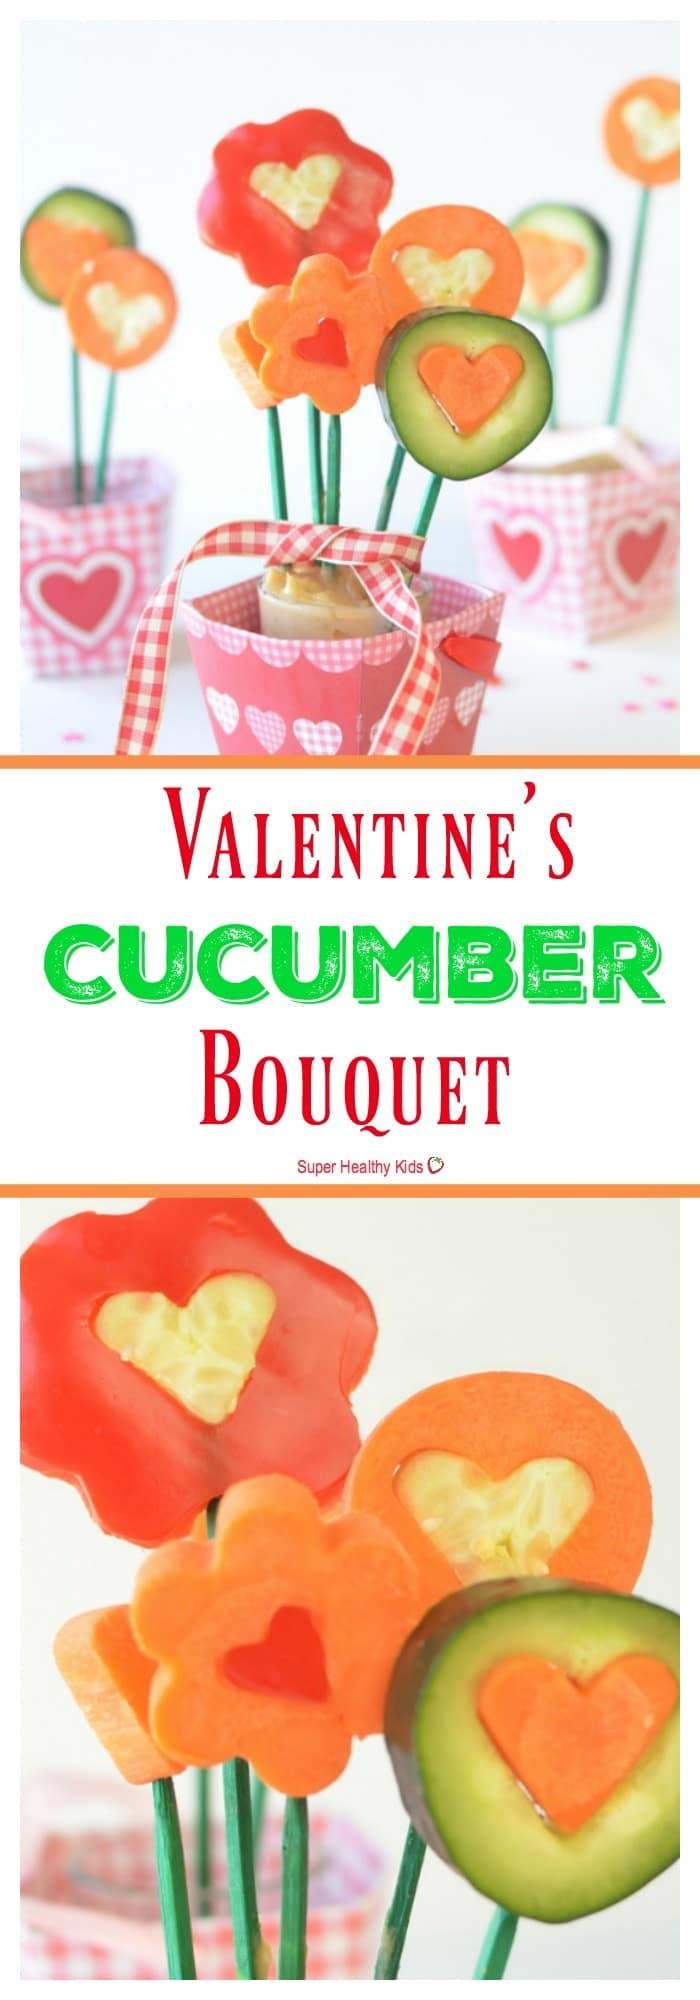 FOOD - Valentines Cucumber Bouquet. Valentine's Day is right around the corner! https://www.superhealthykids.com/valentines-cucumber-bouquet/